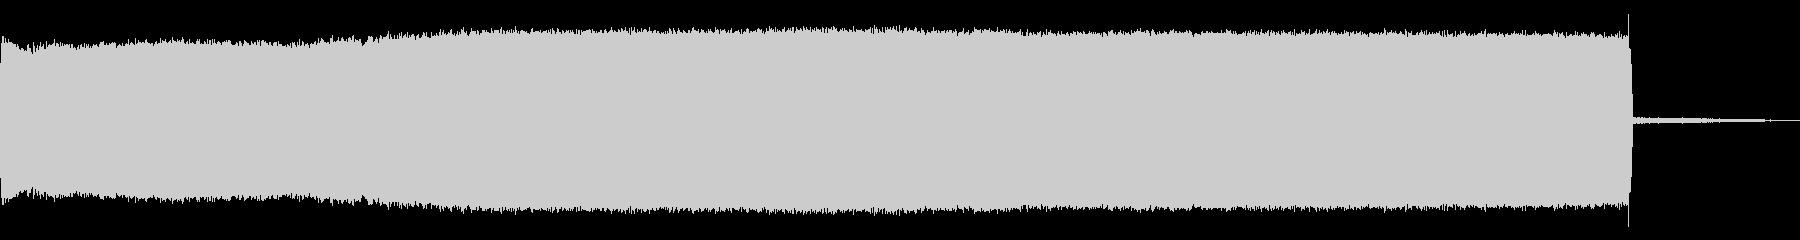 小型電動コンプレッサー:始動、運転...の未再生の波形